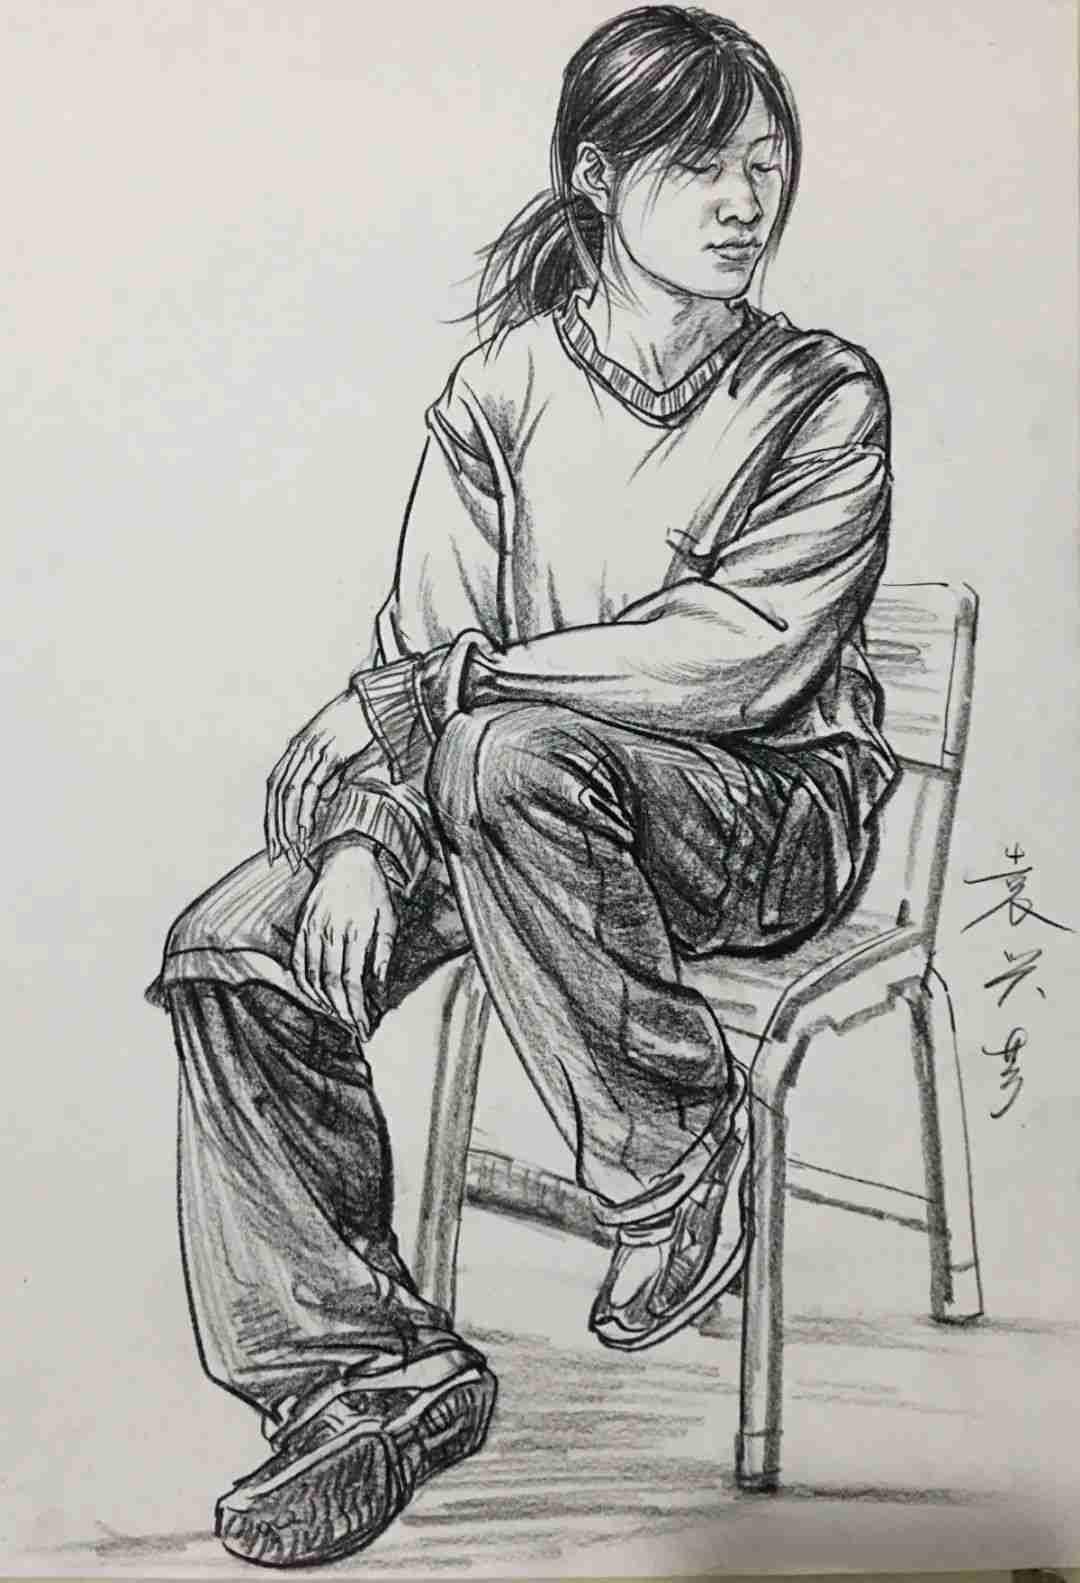 杭州画室集训班速写名师——袁兴芳作品集,28